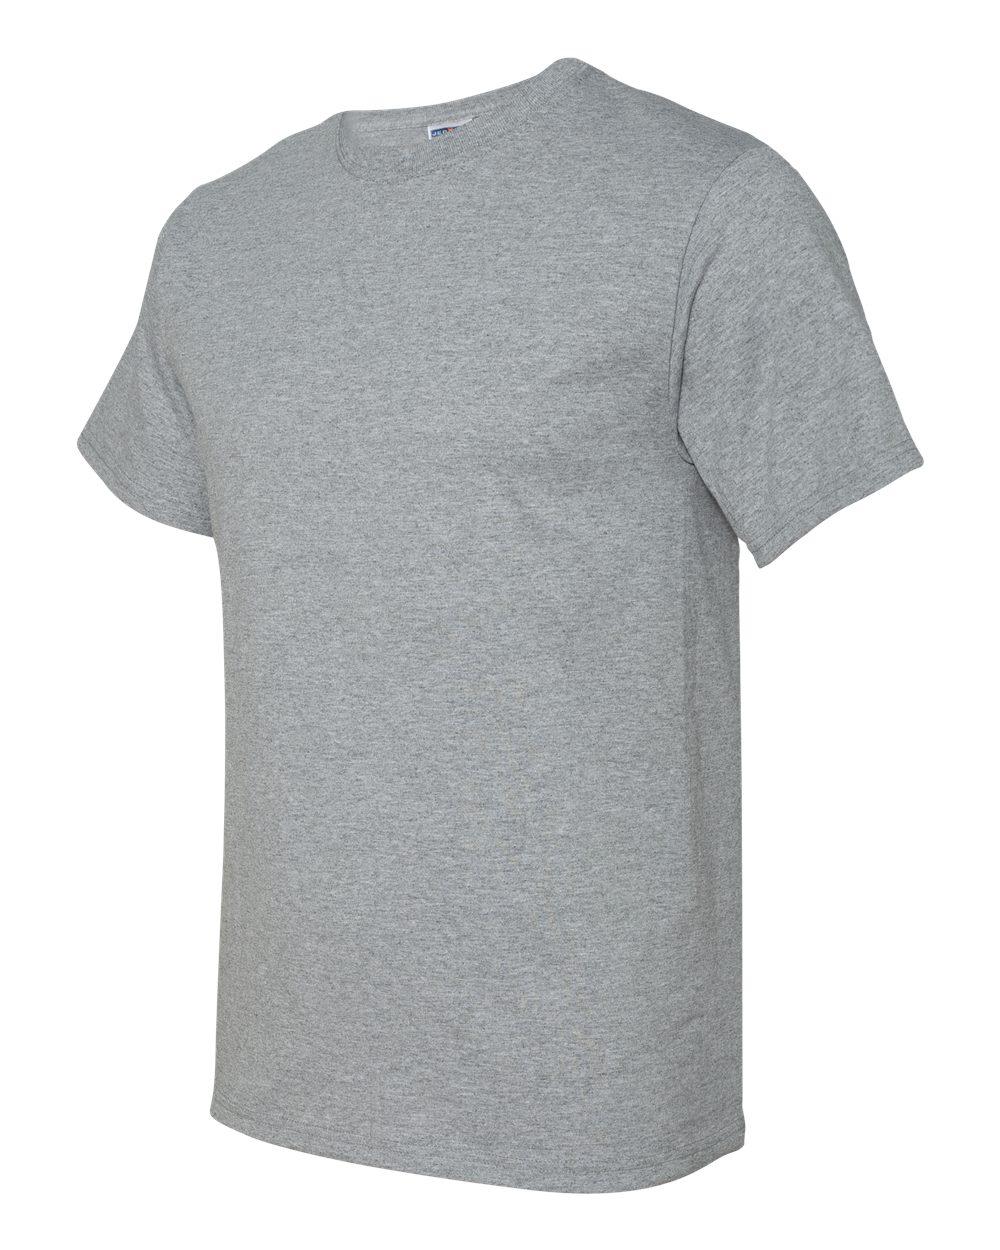 Jerzees-Men-039-s-5-6-oz-50-50-Heavyweight-Blend-T-Shirt-29M-S-4XL thumbnail 3